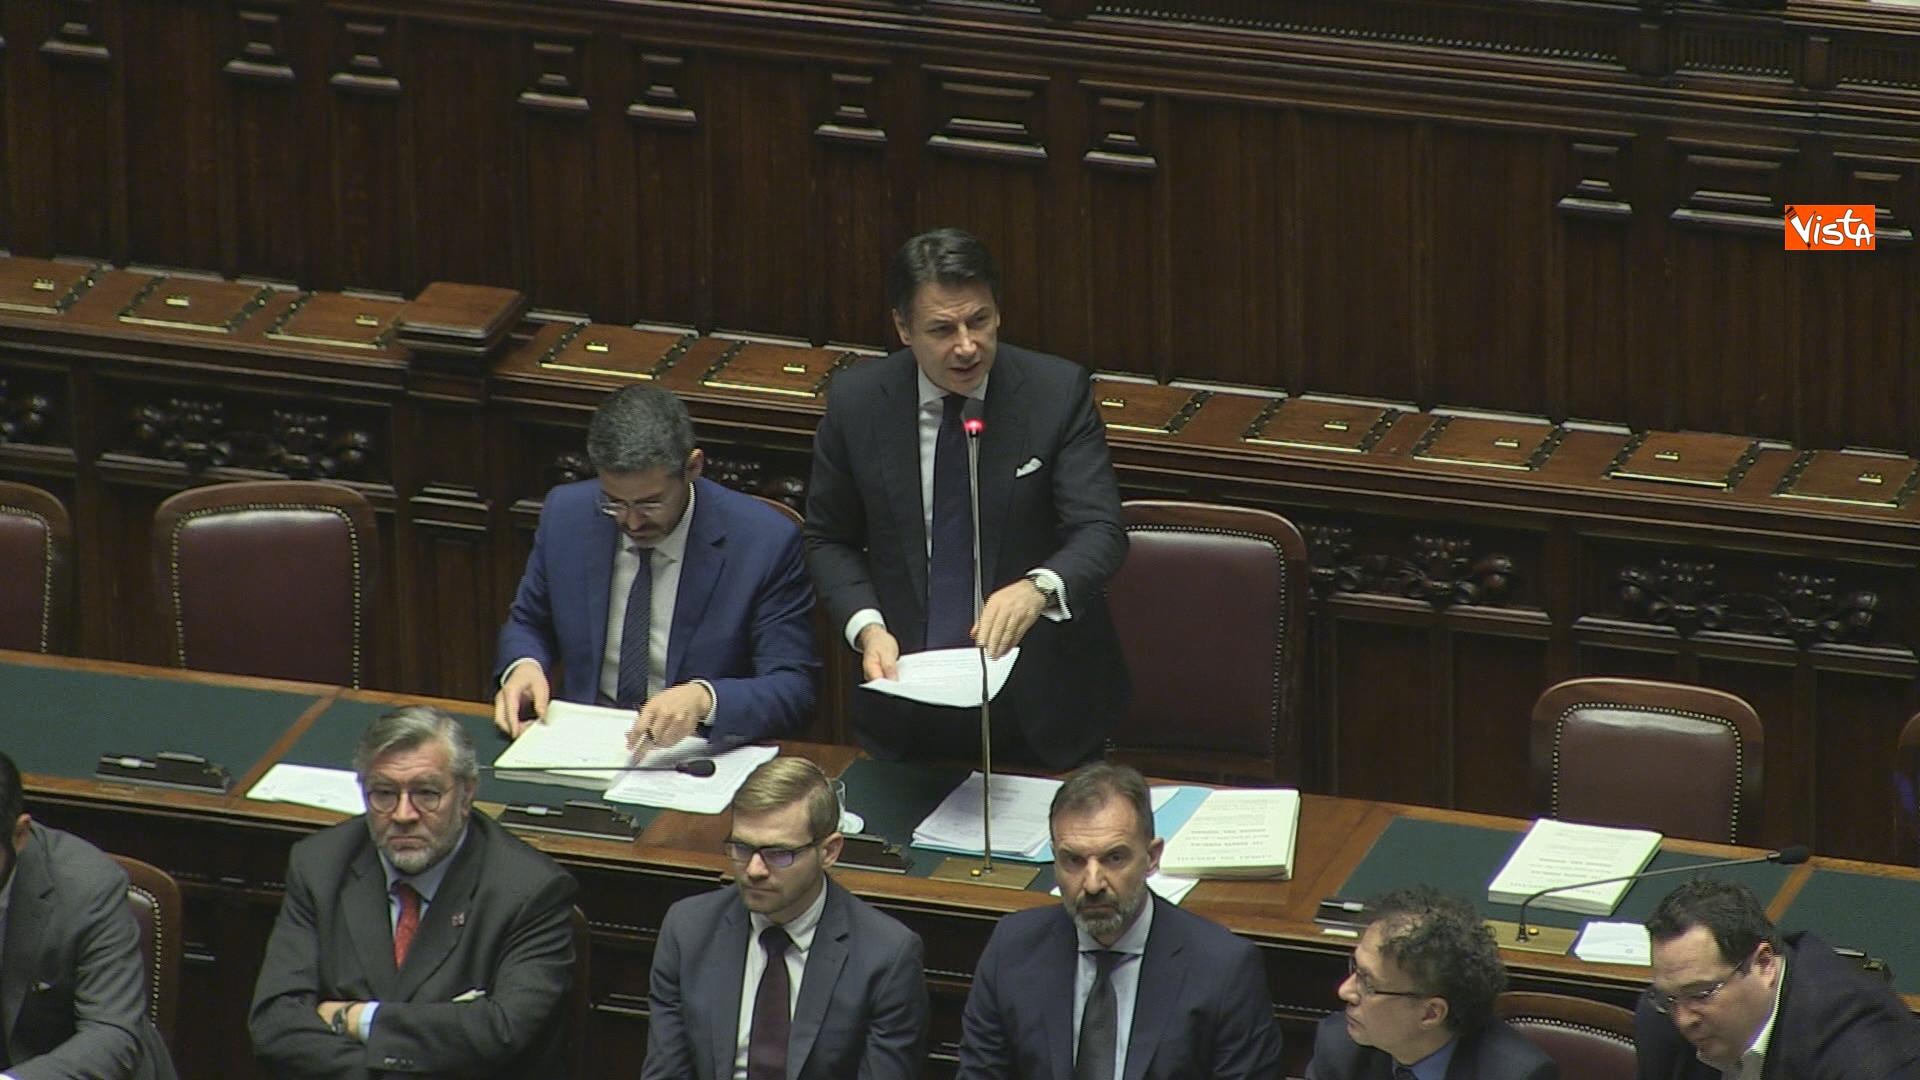 19-03-19 Conte riferisce in Aula Camera su Consiglio Ue e Via della seta immagini_13